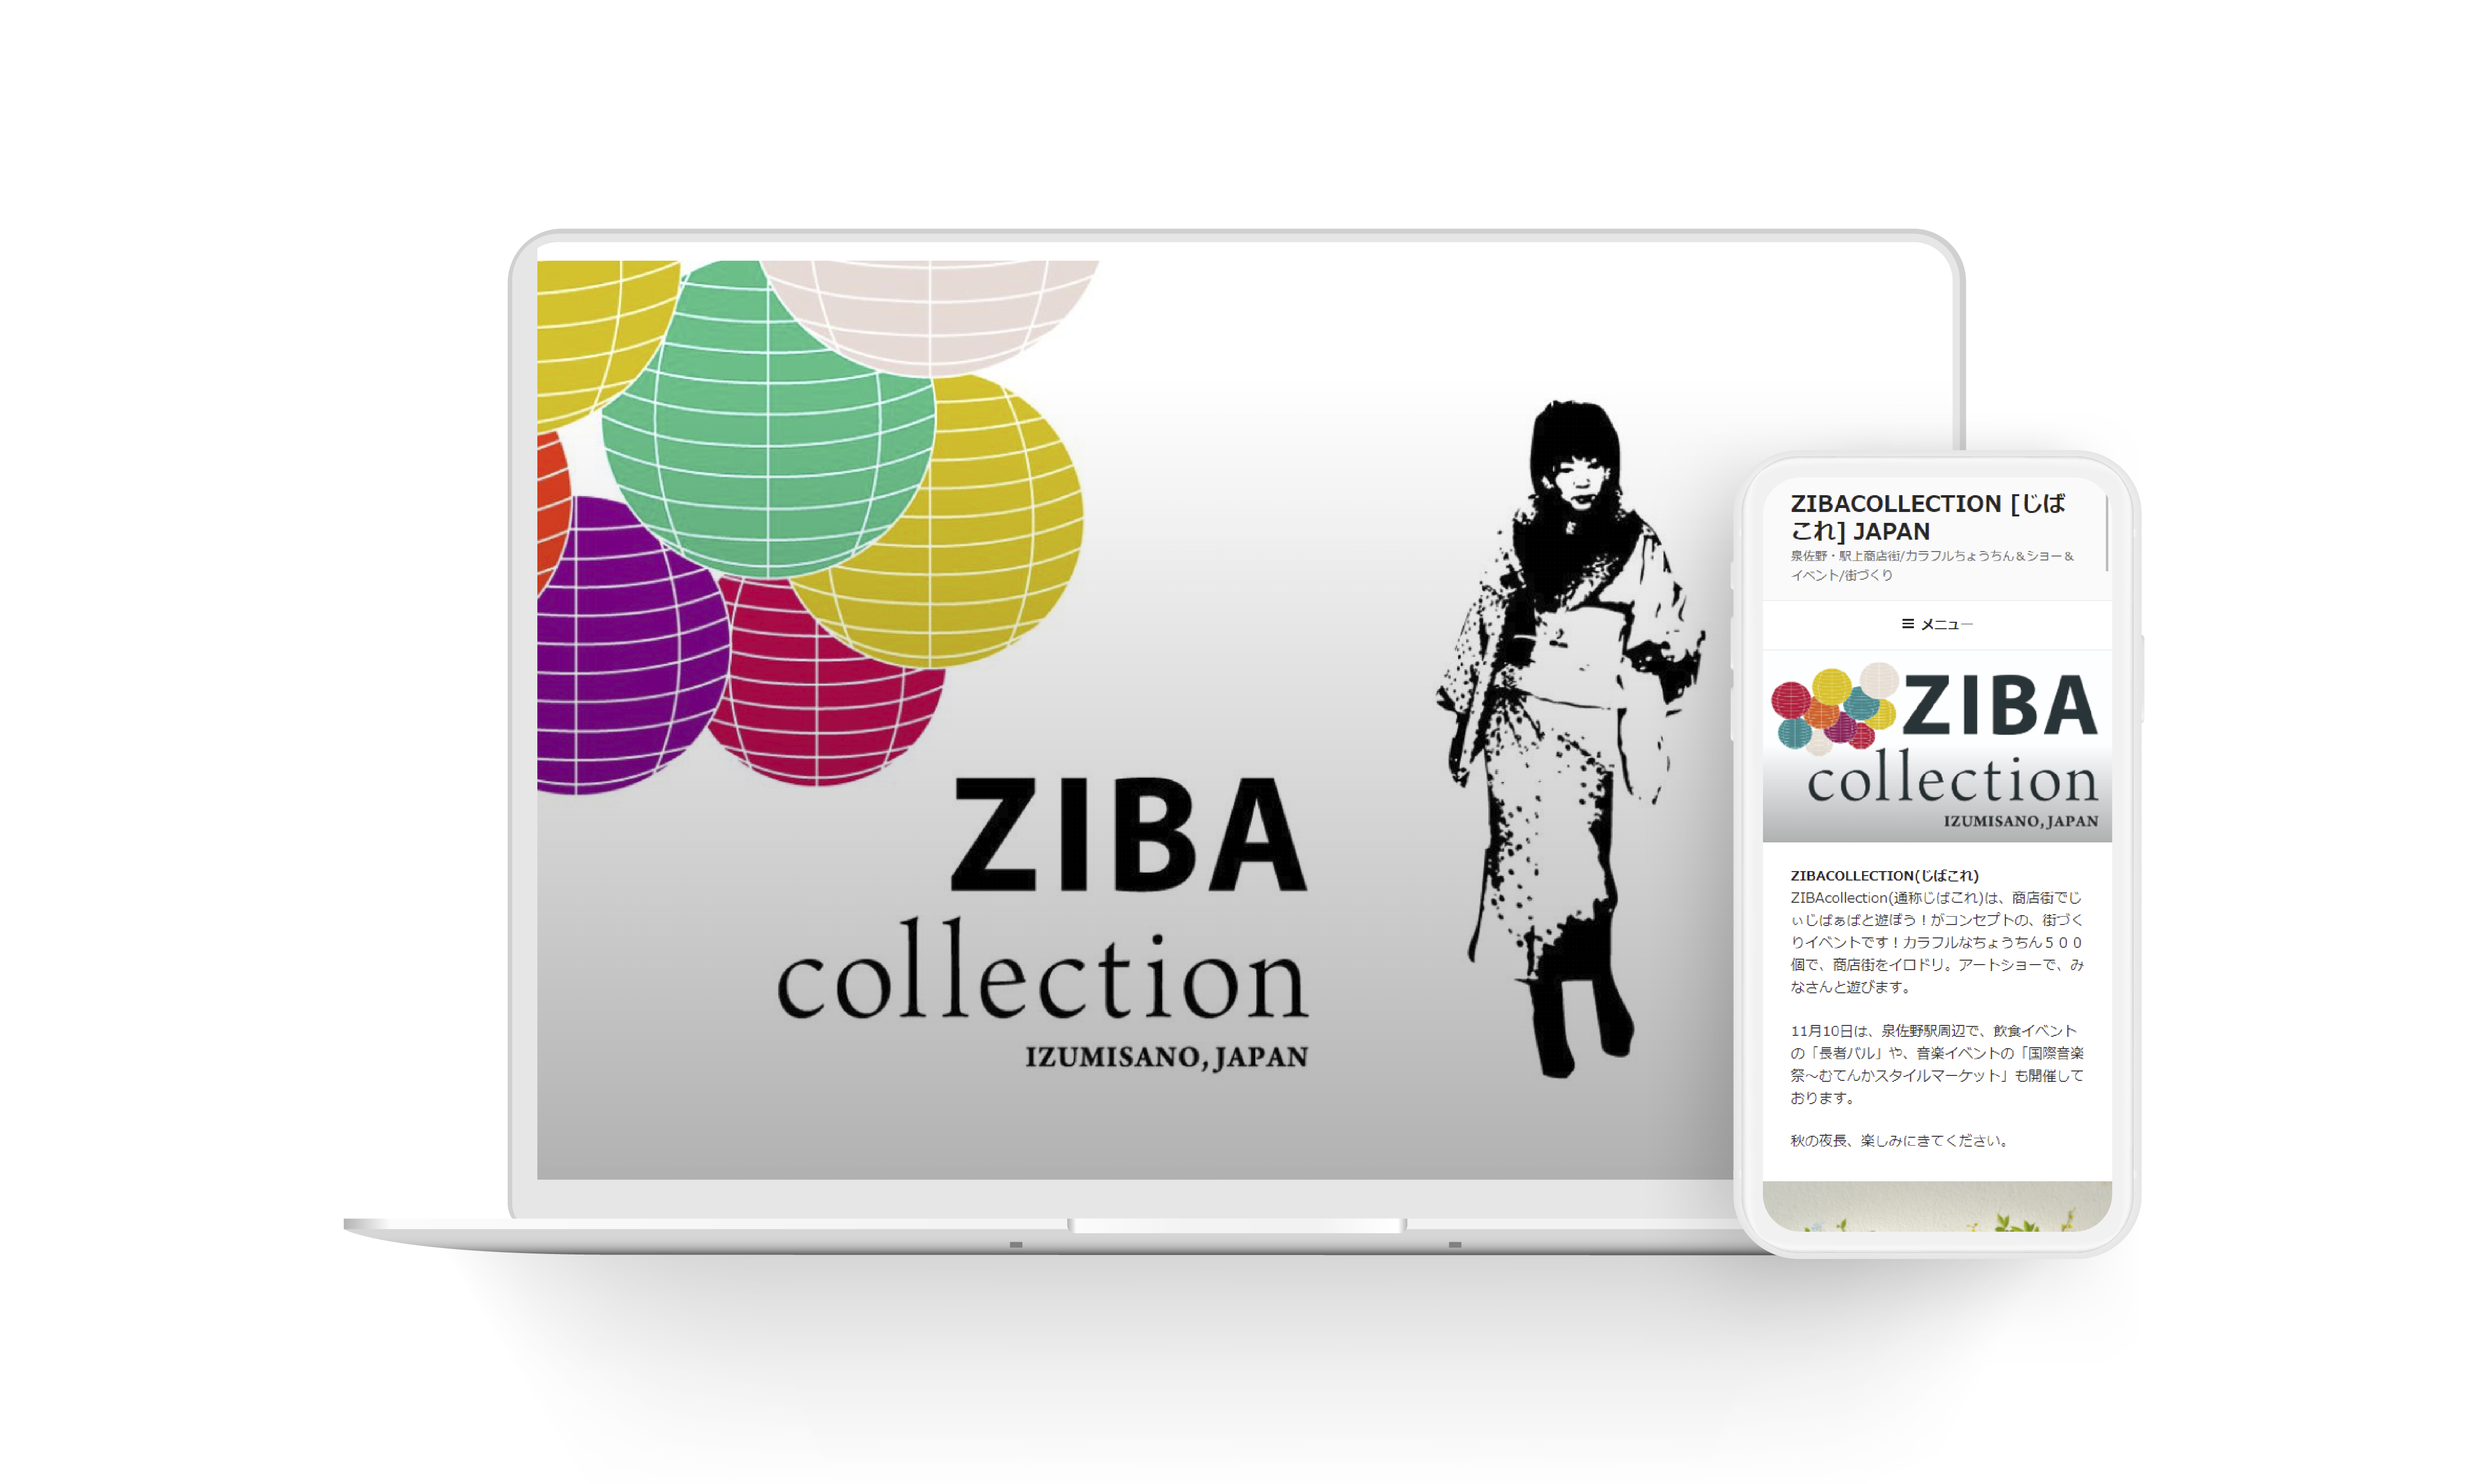 ZIBA collection 様